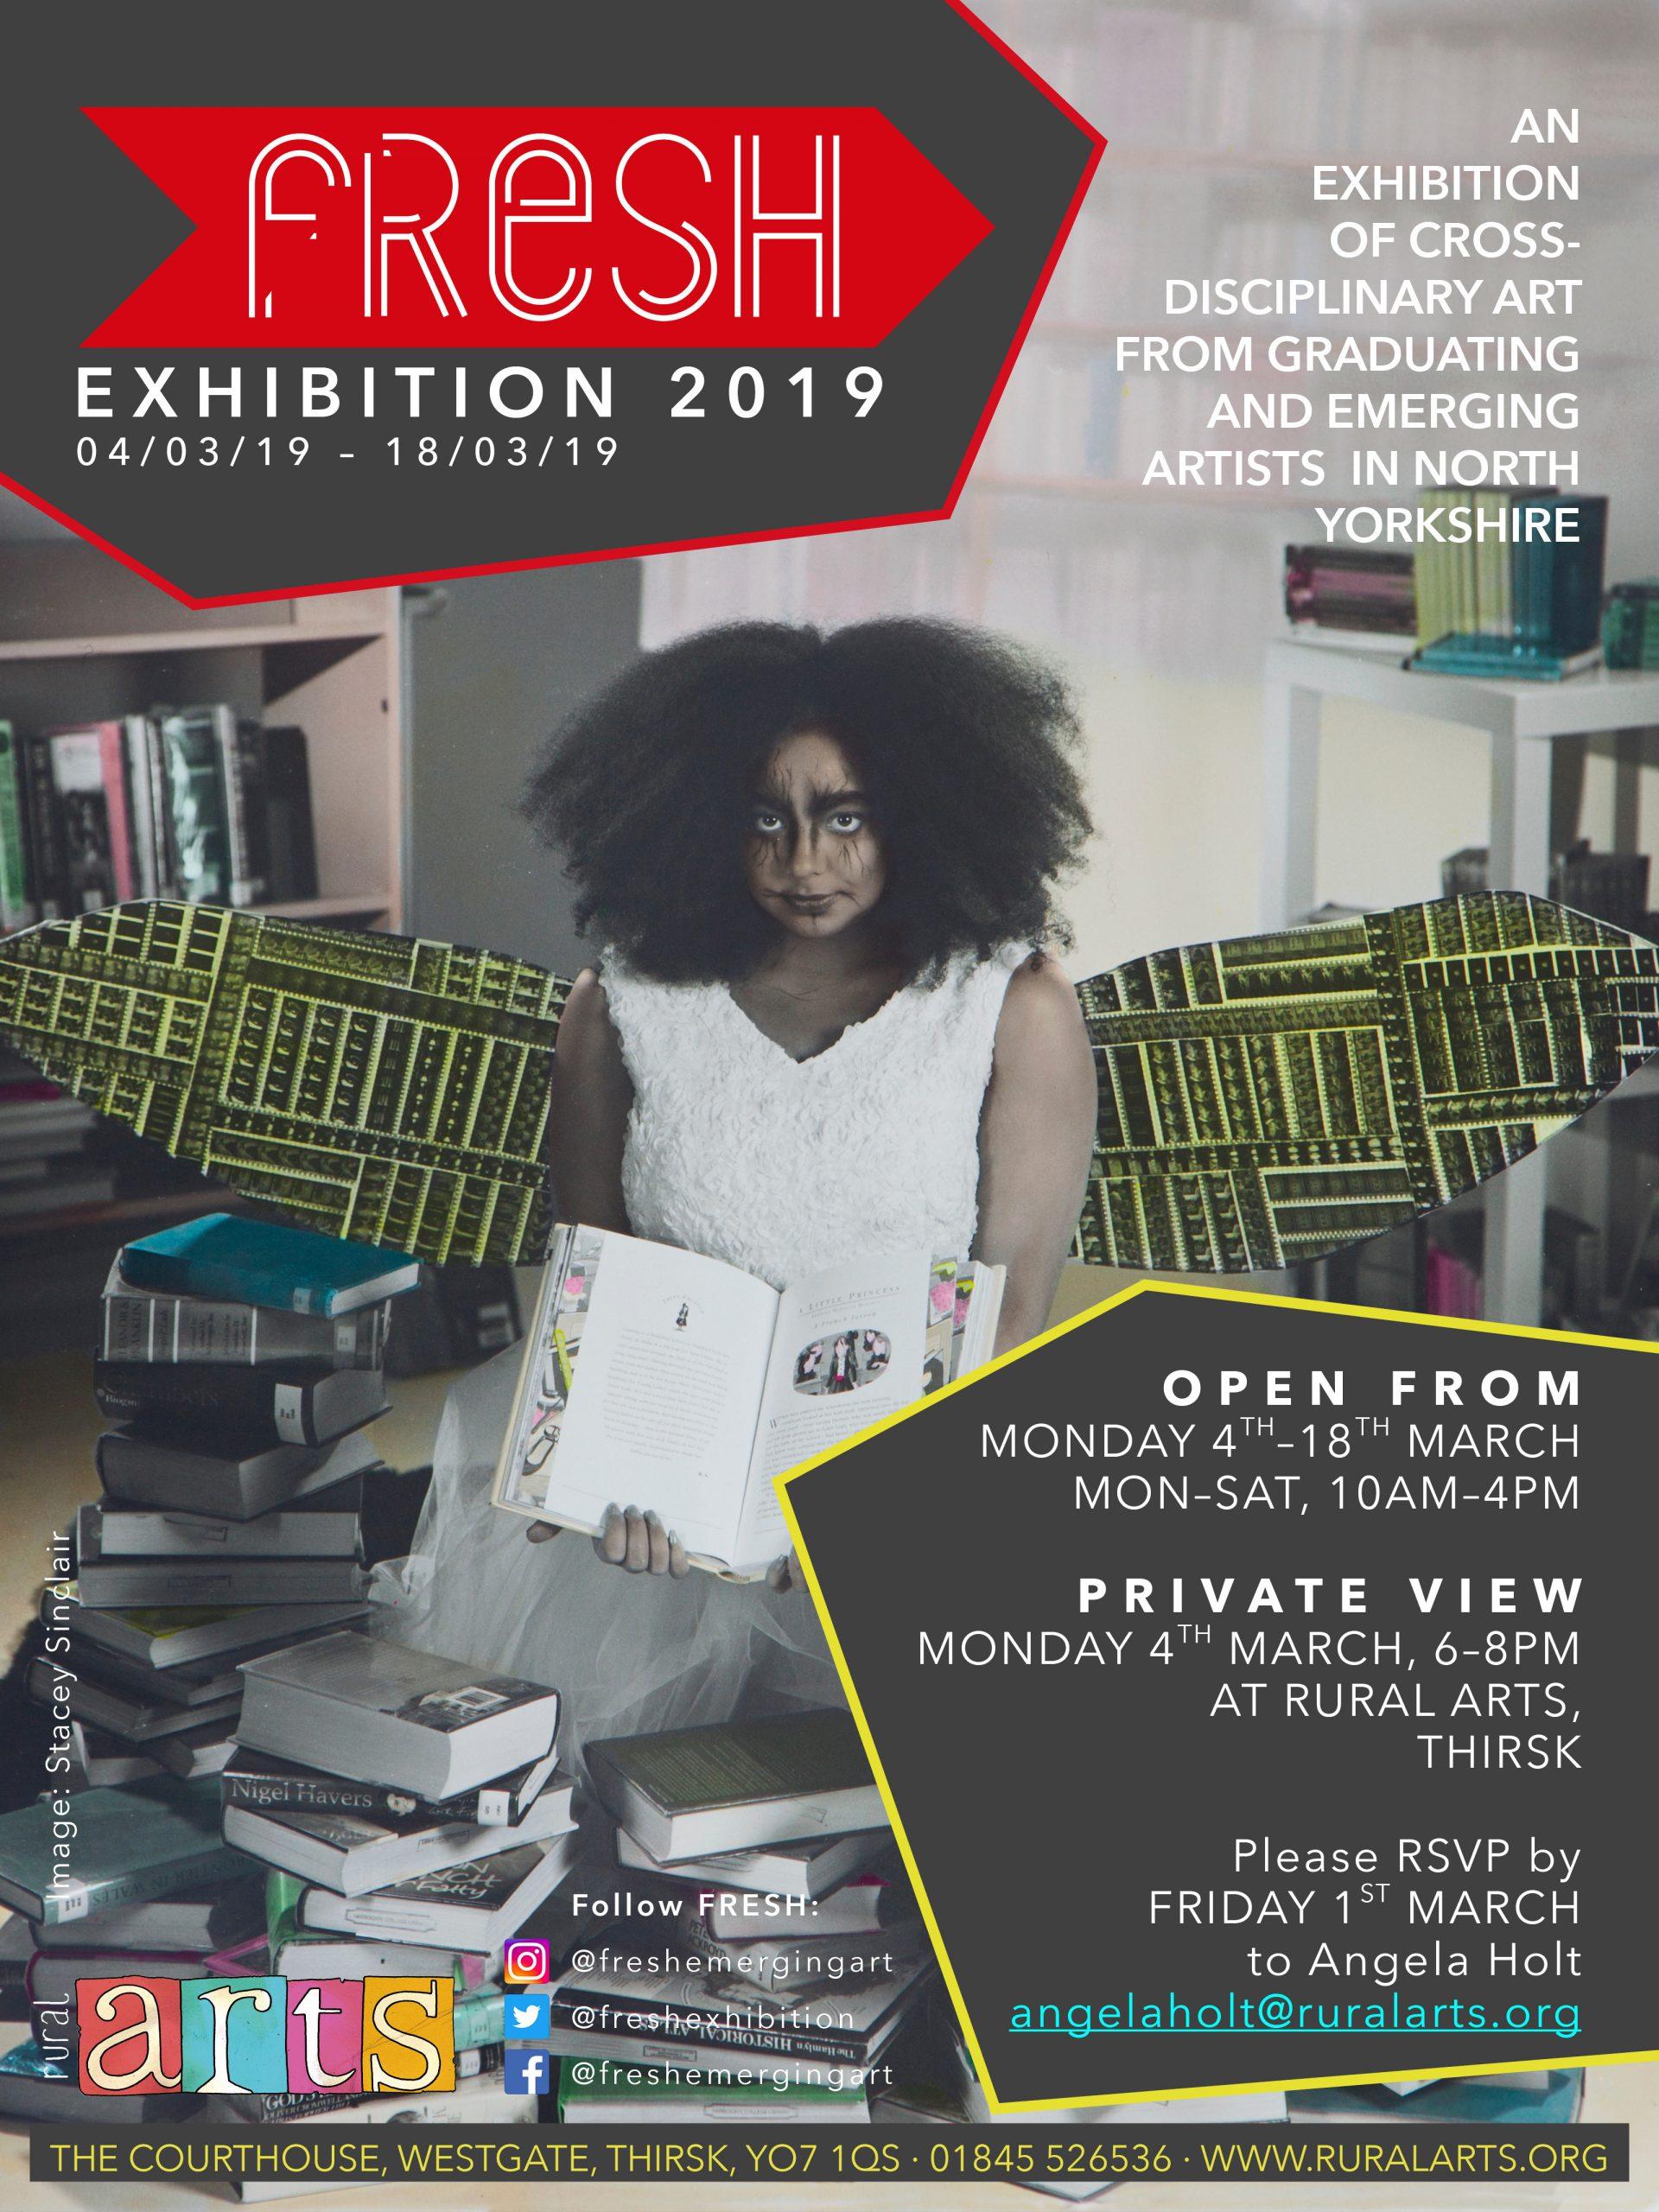 FRESH Exhibition 2019